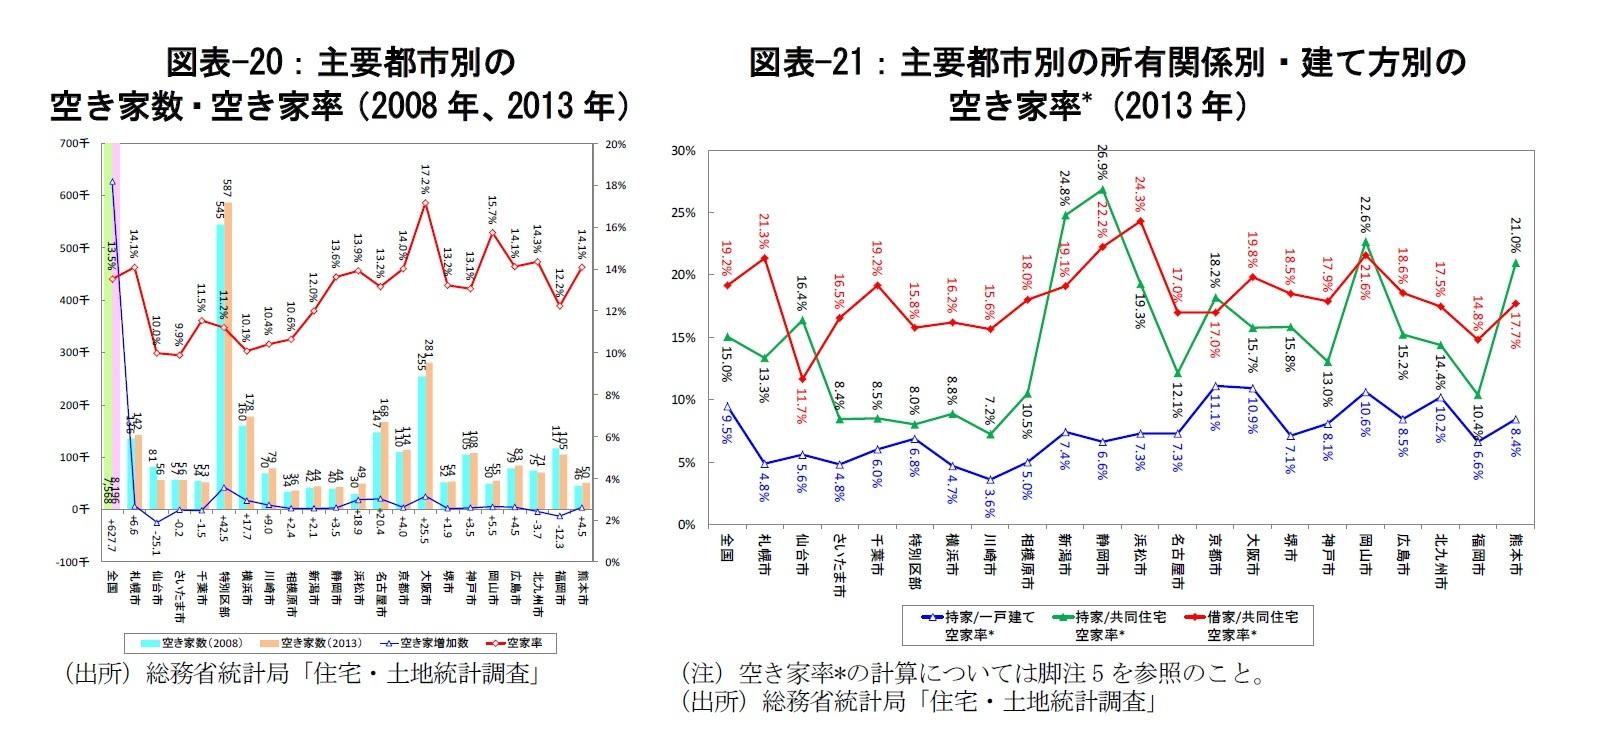 図表-20:主要都市別の空き家数・空き家率(2008年、2013年)/図表-21:主要都市別の所有関係別・建て方別の空き家率*(2013年)